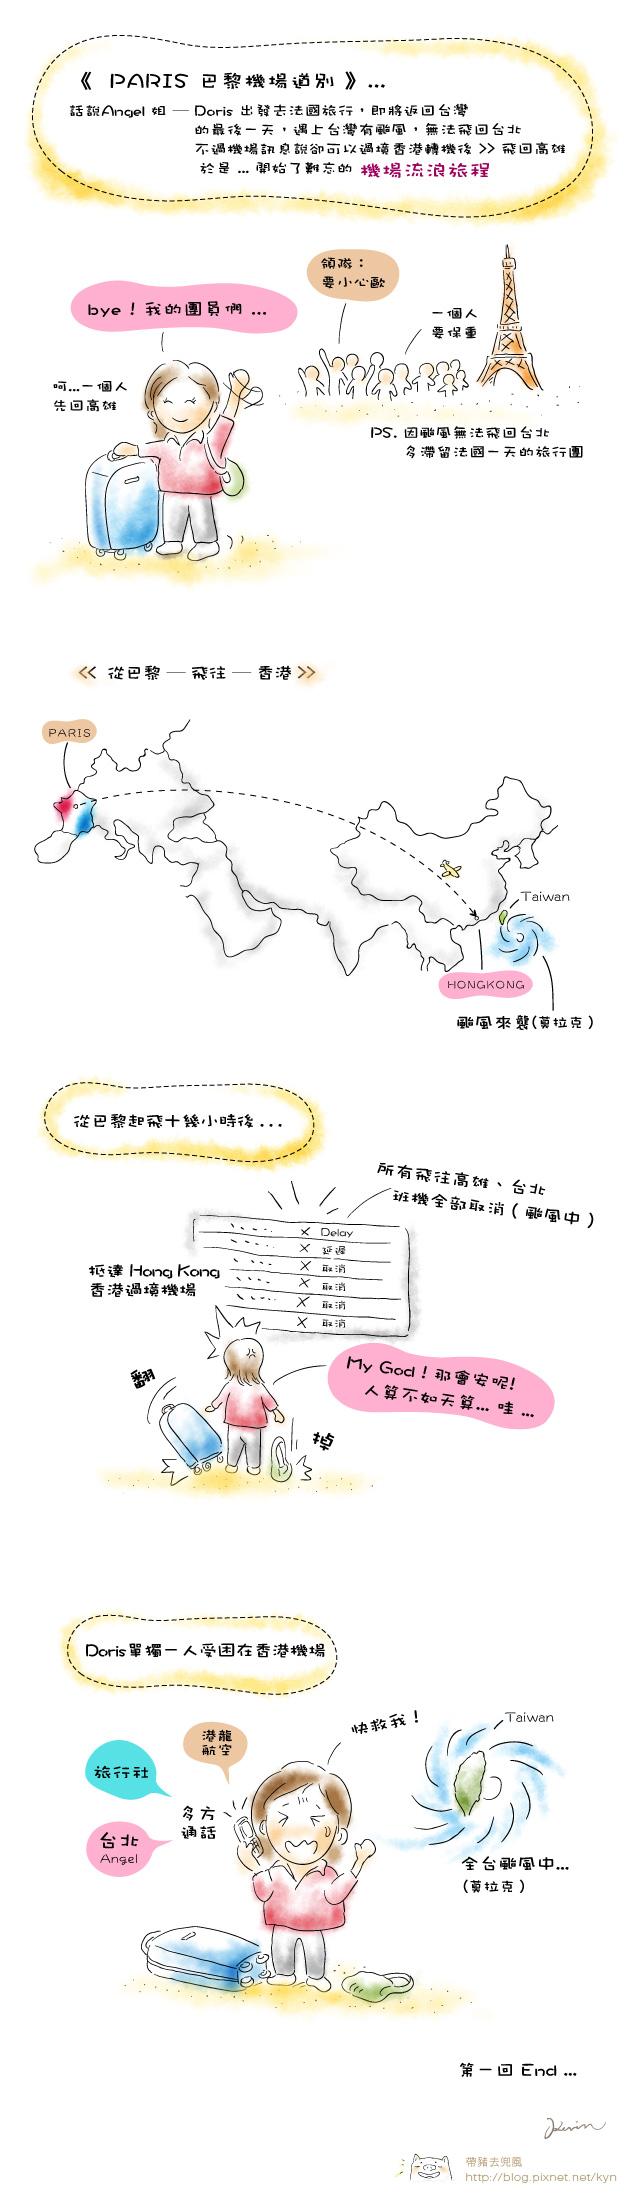 畫_法國_18_Doris_香港機場流.jpg